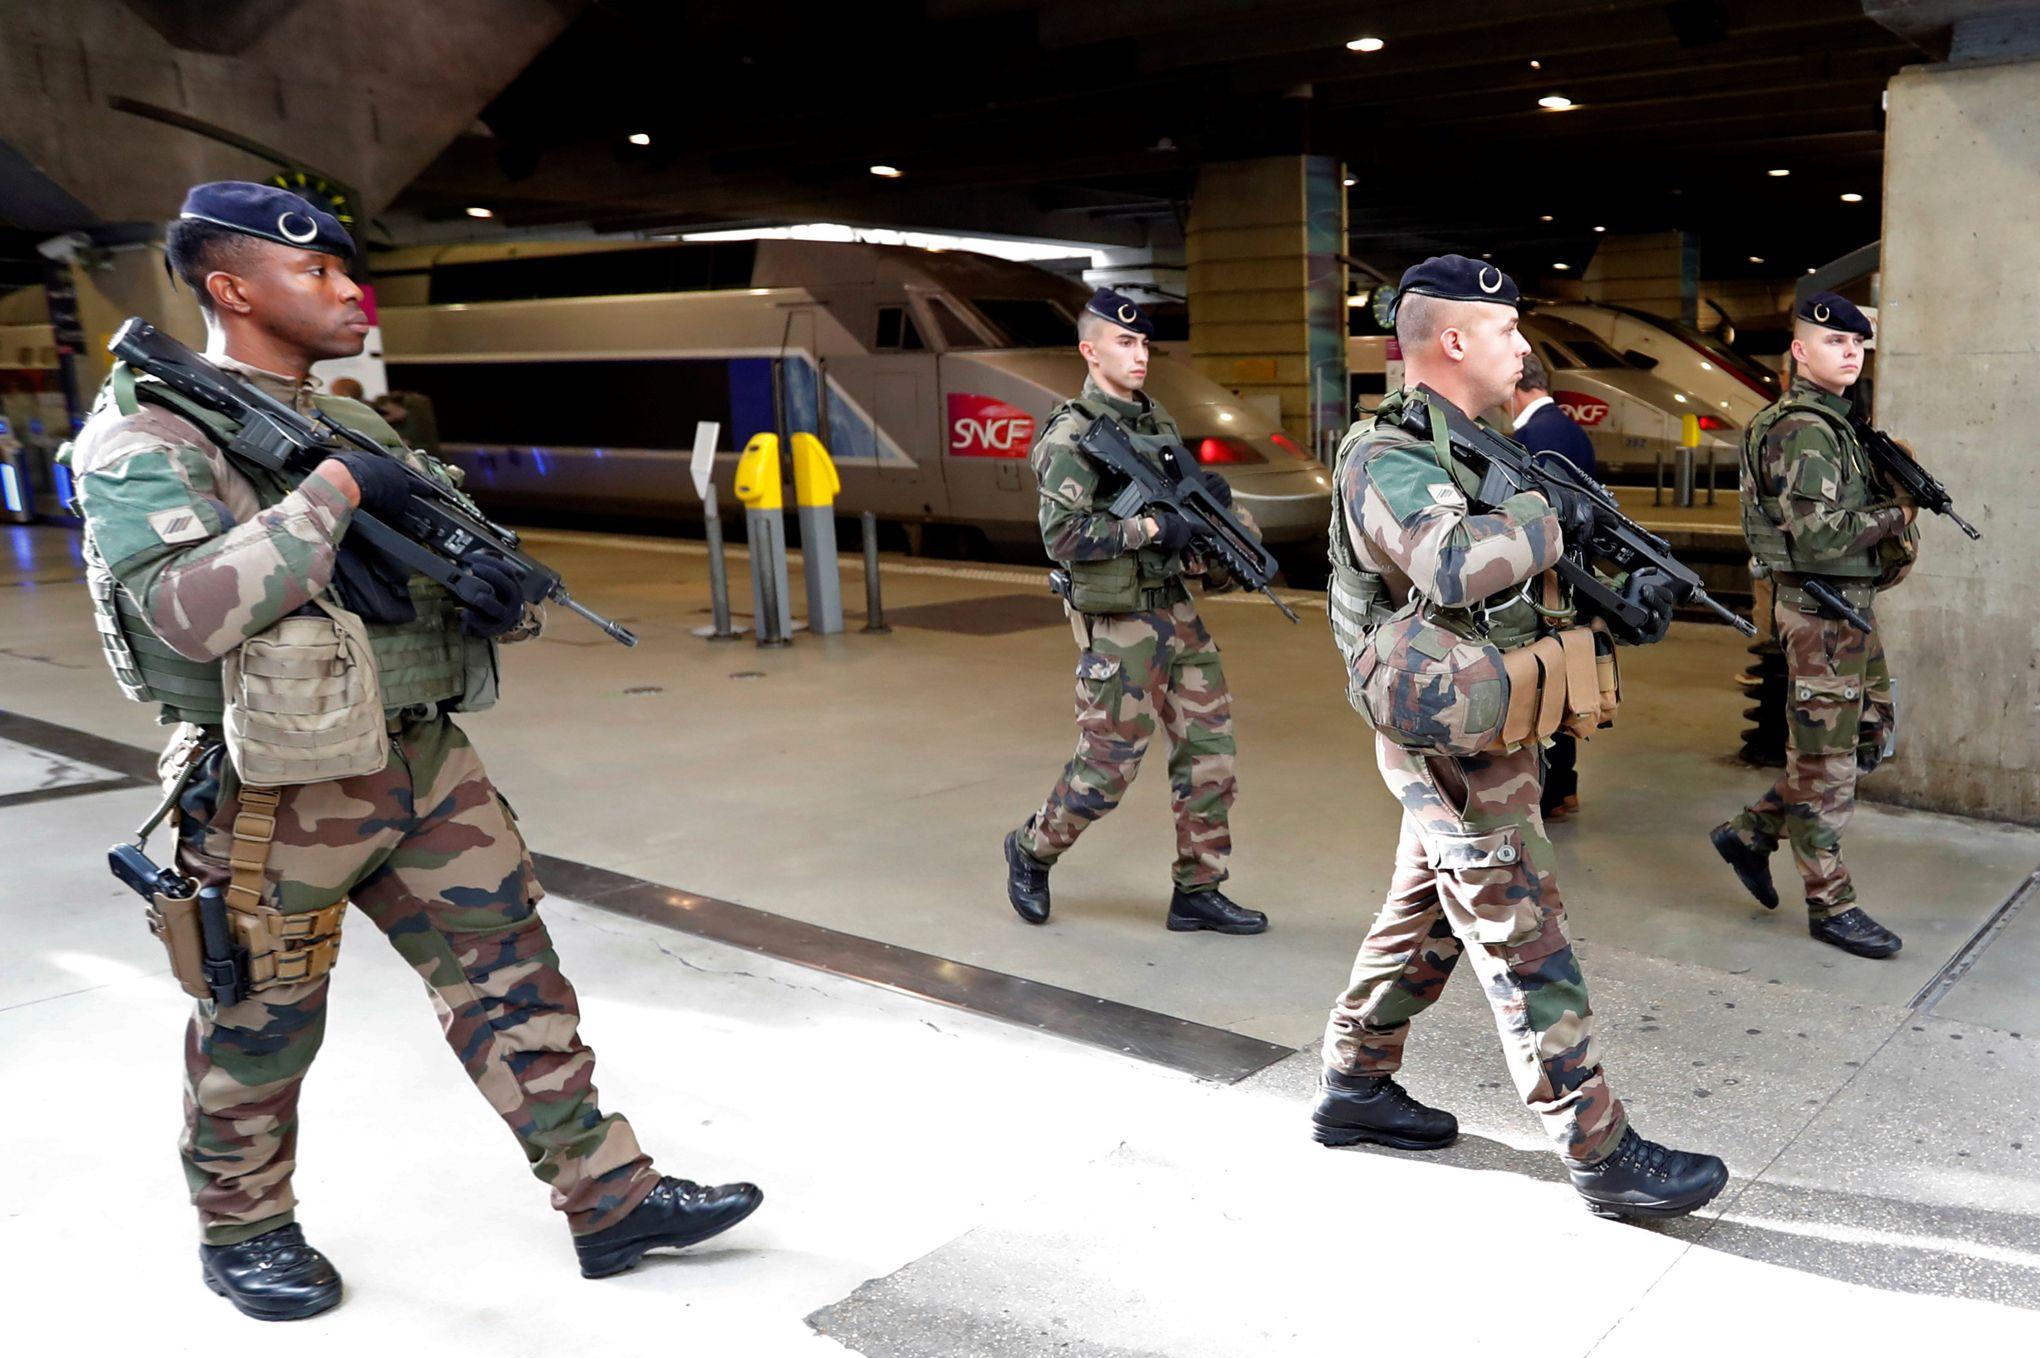 célibataires militaires site de rencontre Milan rencontres scène